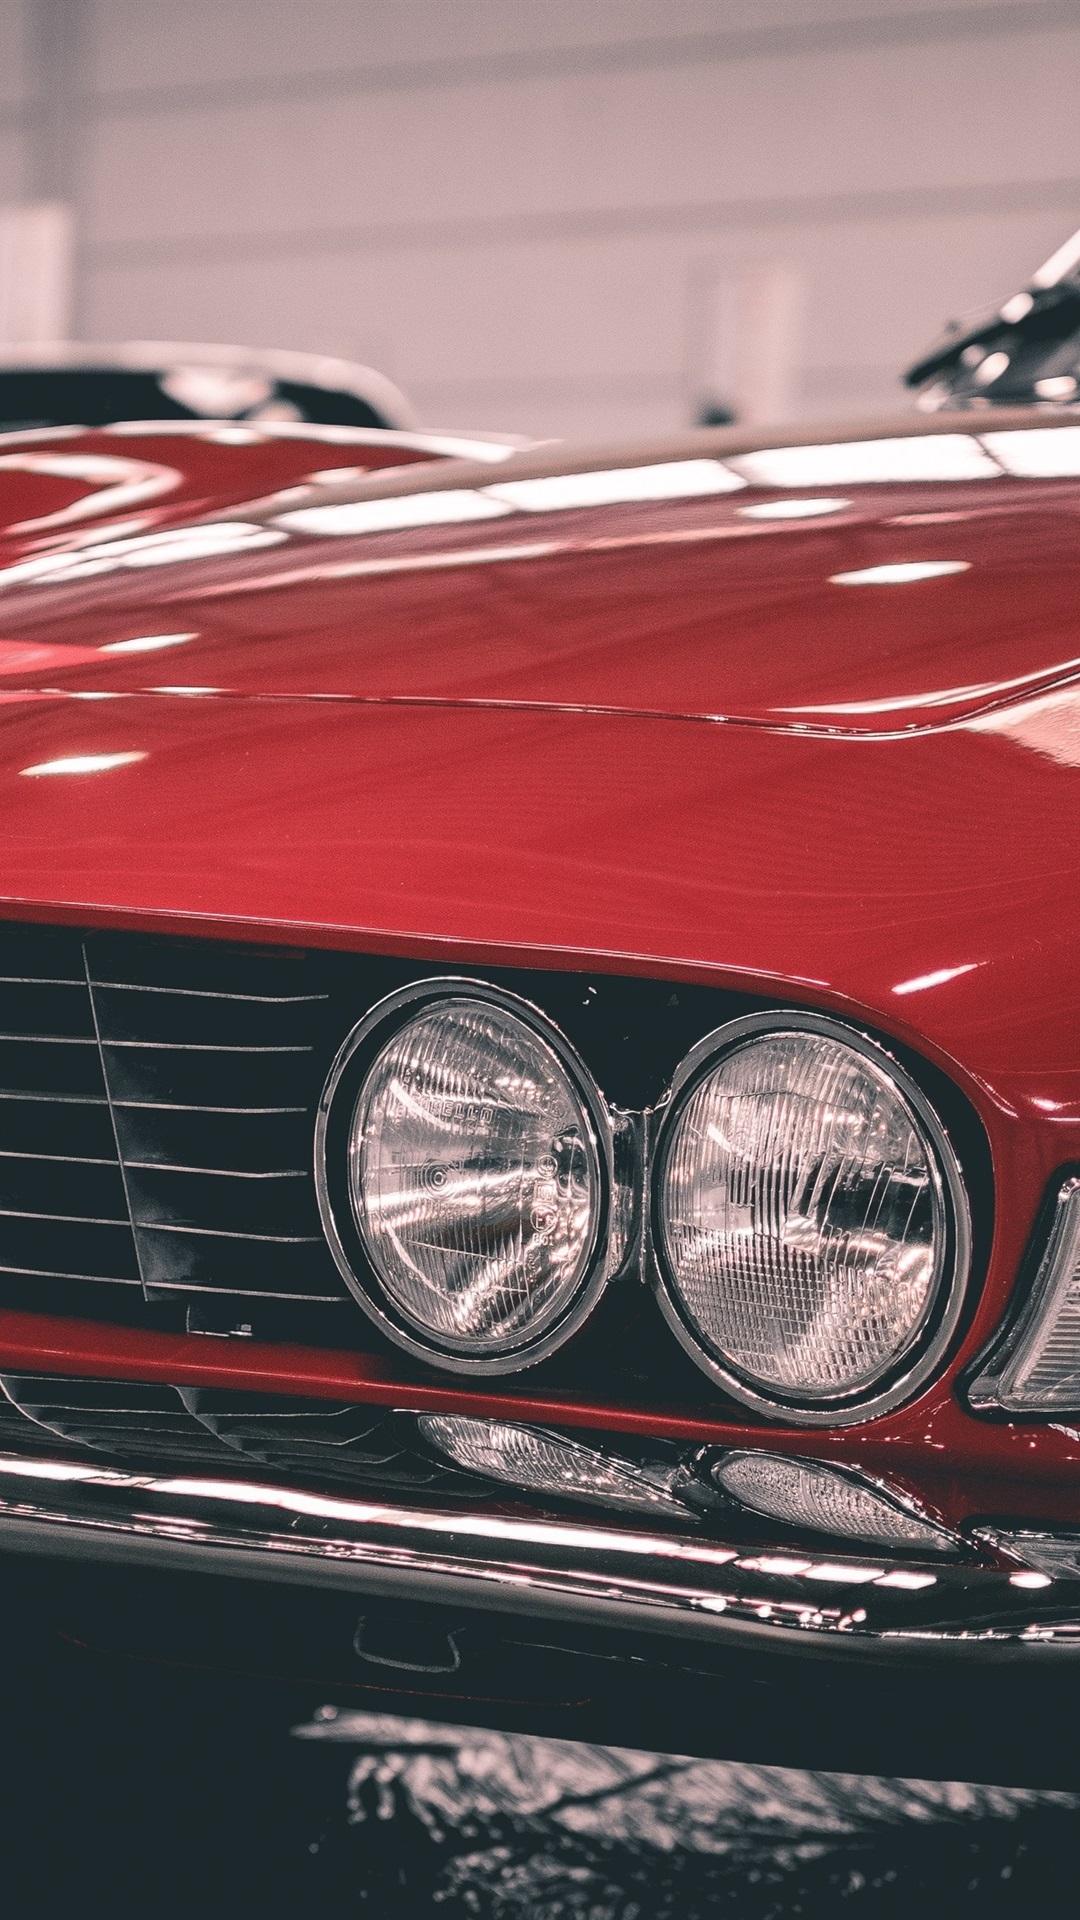 レトロな赤い車の正面図 フィアット 1080x1920 Iphone 8 7 6 6s Plus